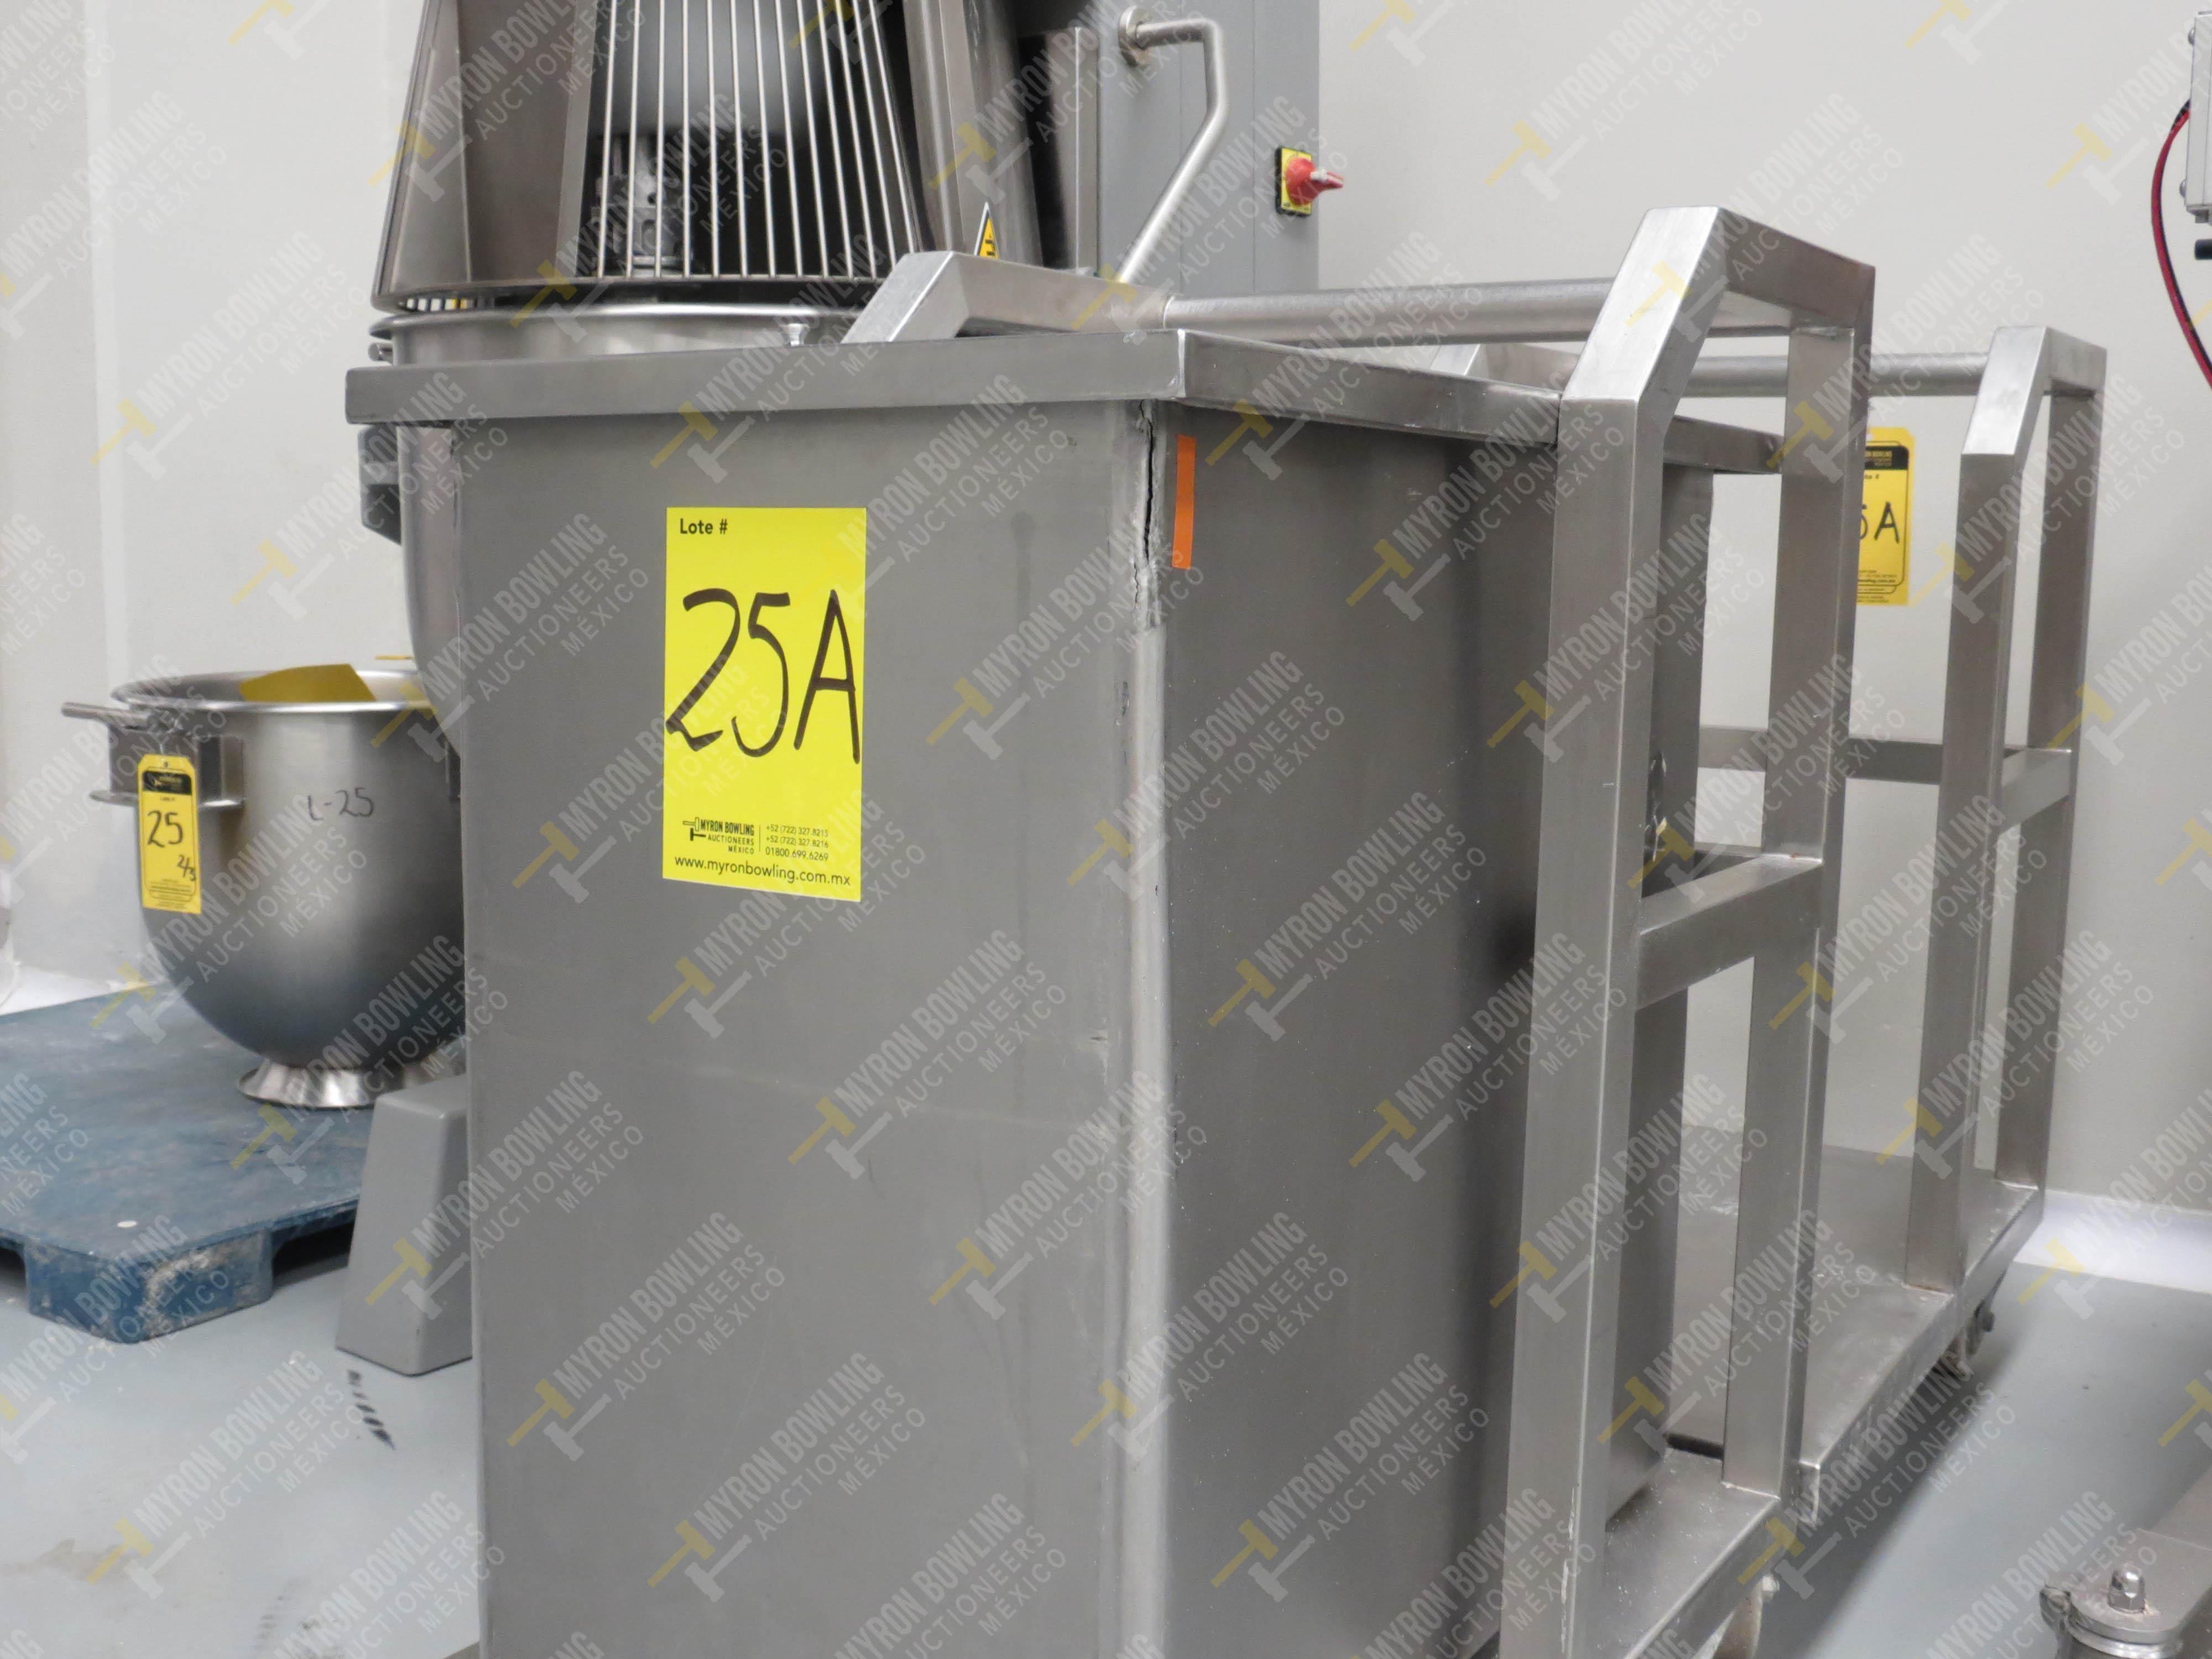 2 Carros de acero inoxidable de medidas de 55 x 75 x 90 cm y 1 contenedor con tapas … - Image 4 of 4